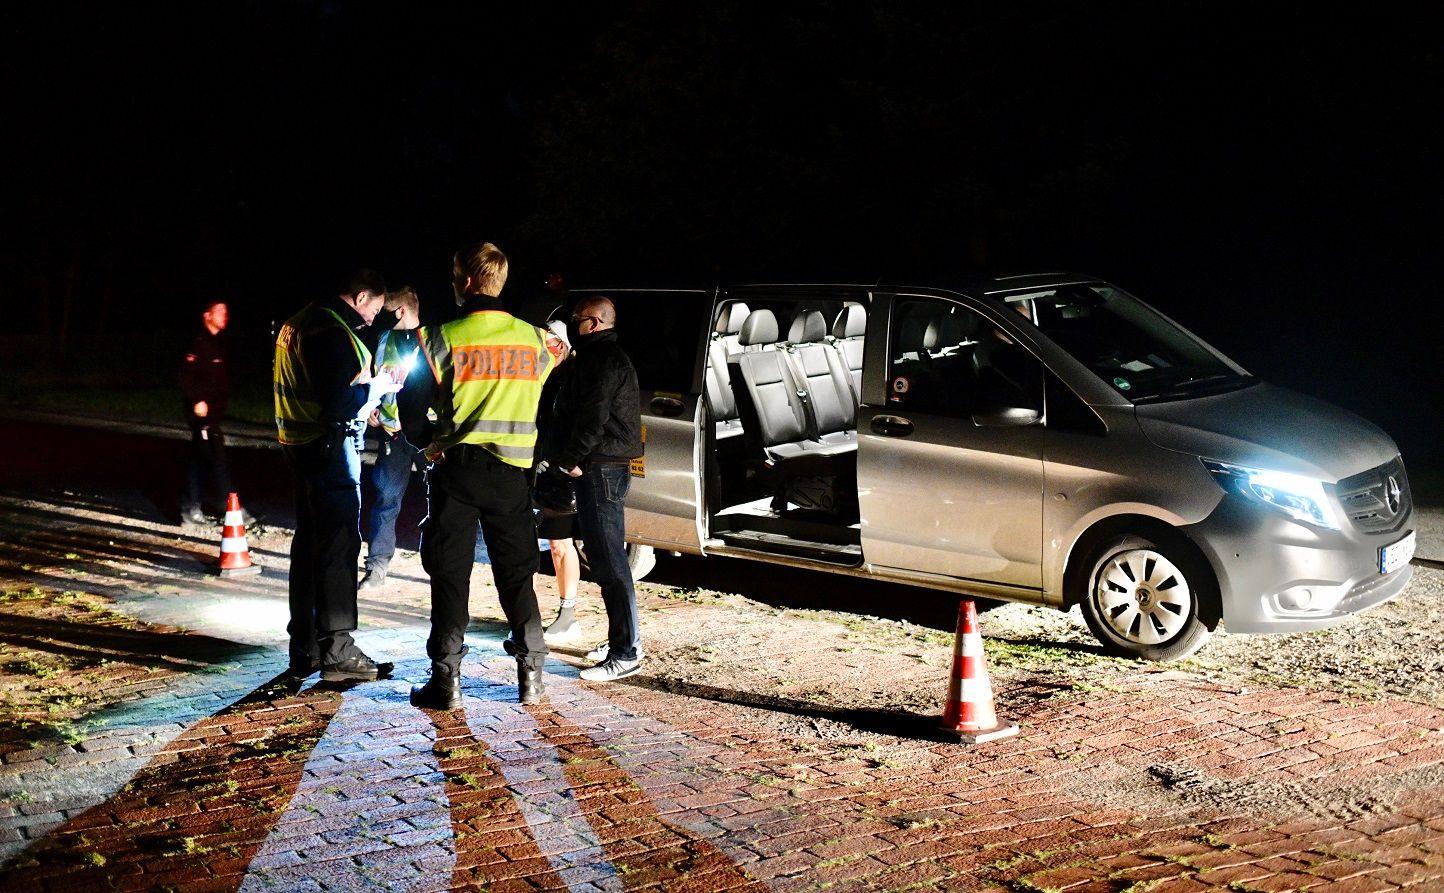 Kontrollpunkt an der B 214: Hier werden kurz nach 1 Uhr Fahrgäste eines Taxis kontrolliert. Sie hatten an der Feier teilgenommen. Foto: Matthias Niehues